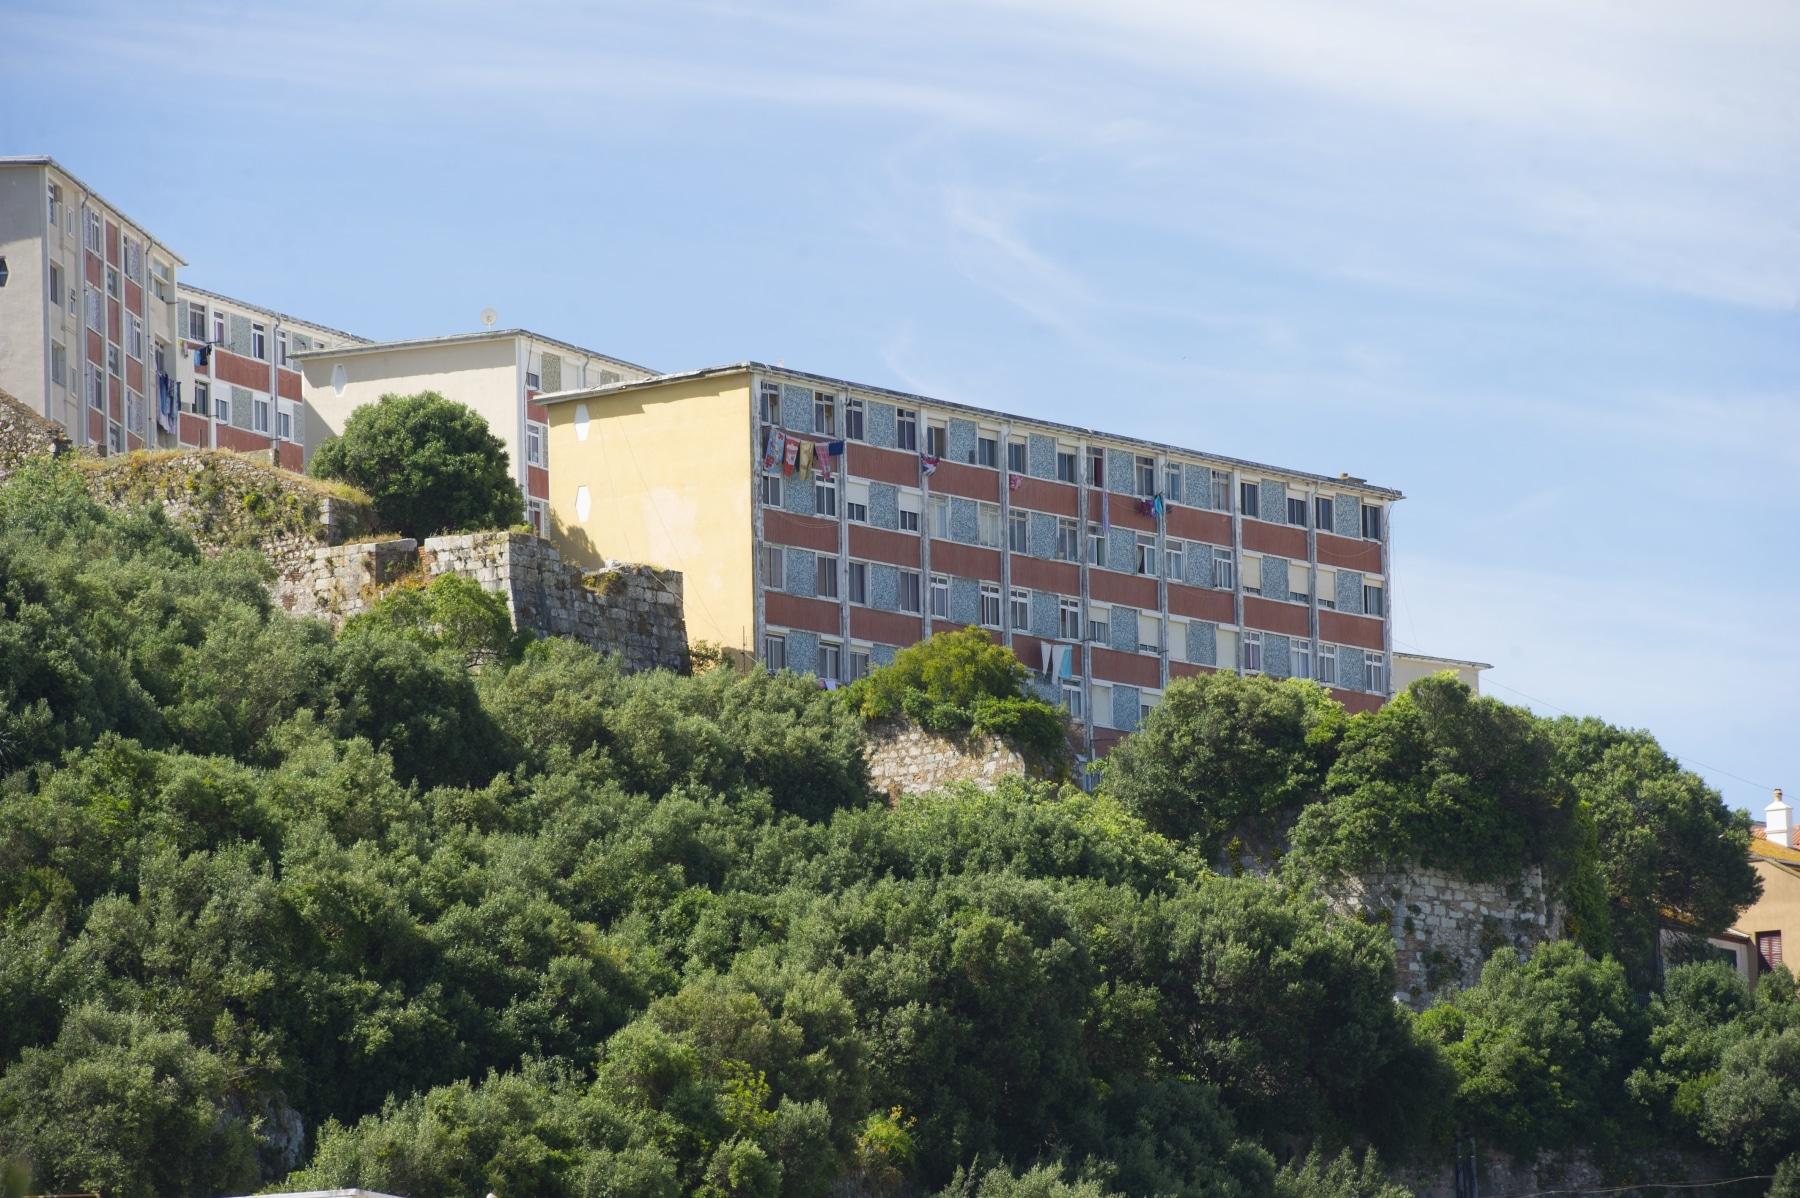 paisajes-urbanos-gibraltar-10_9222315343_o